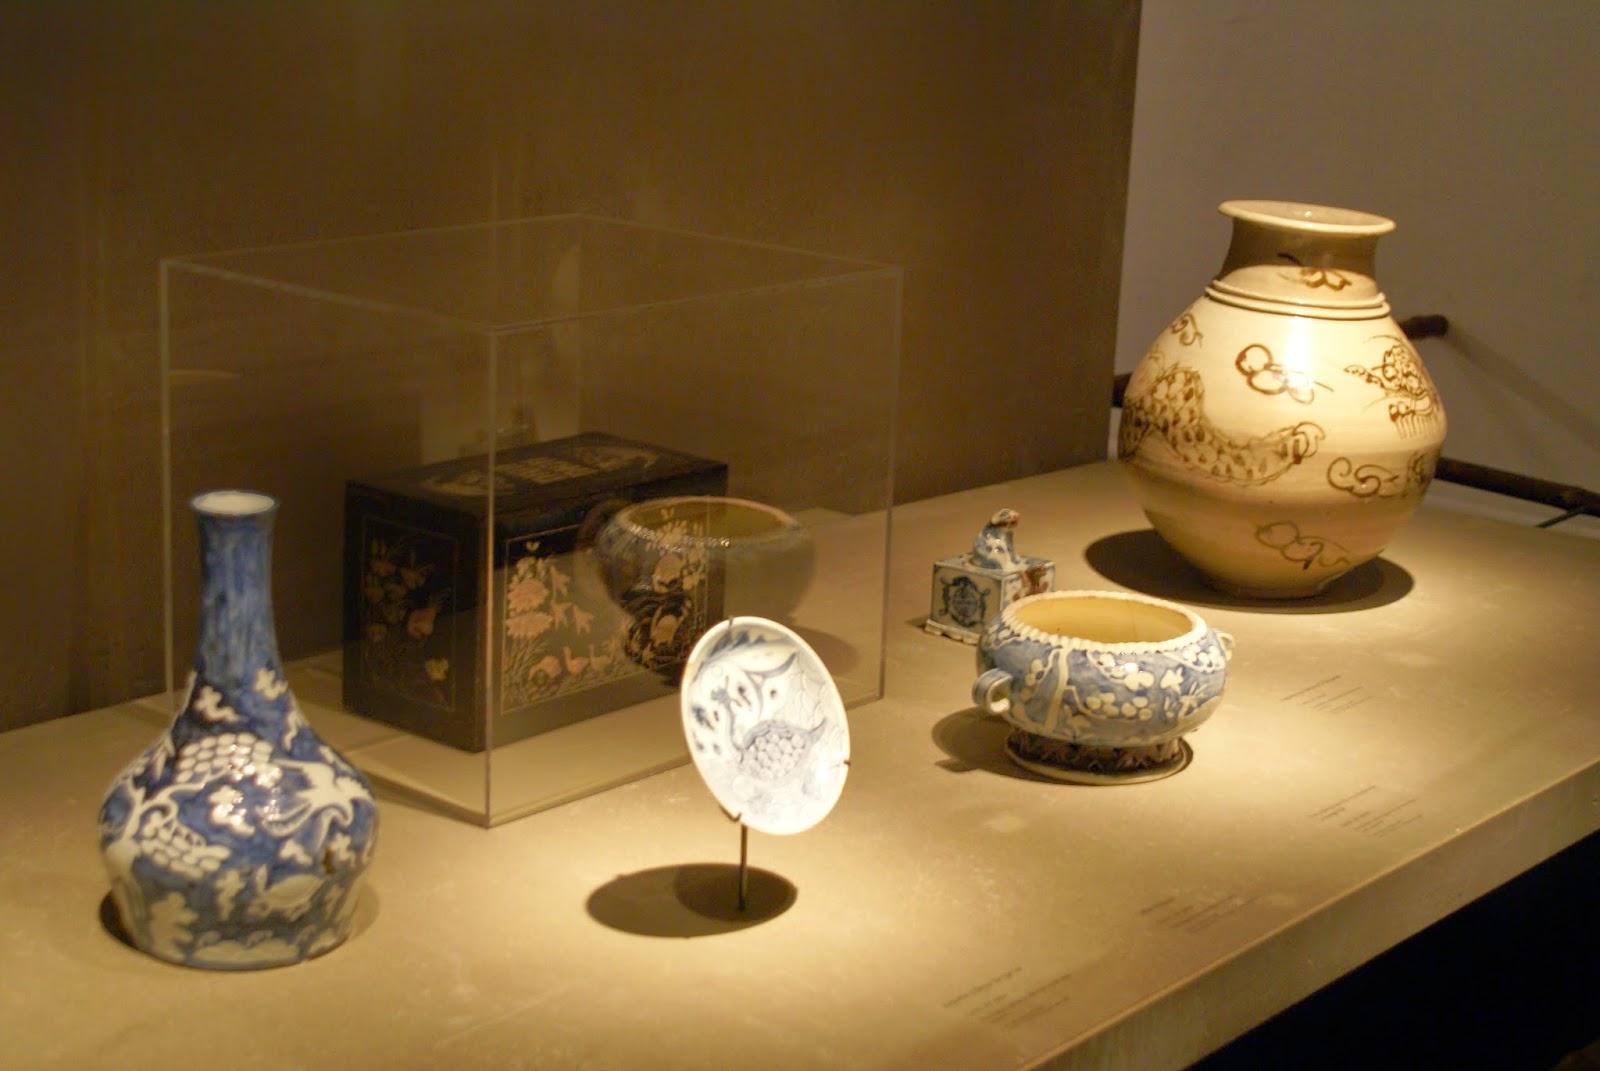 Musée National de Céramique à Sèvres